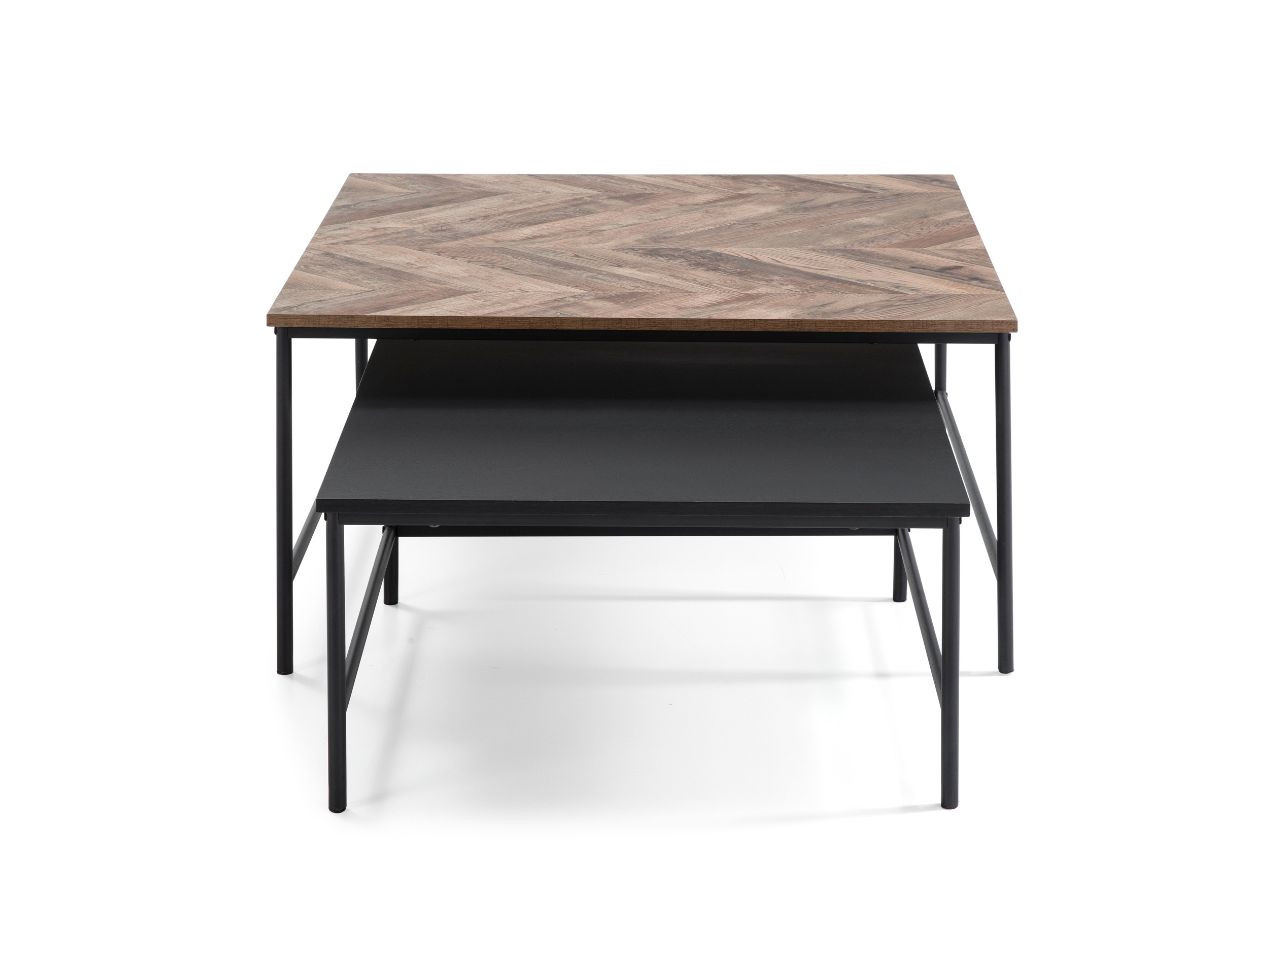 Cocinas Baratas y Muebles de Cocina Baratos - Dicoro